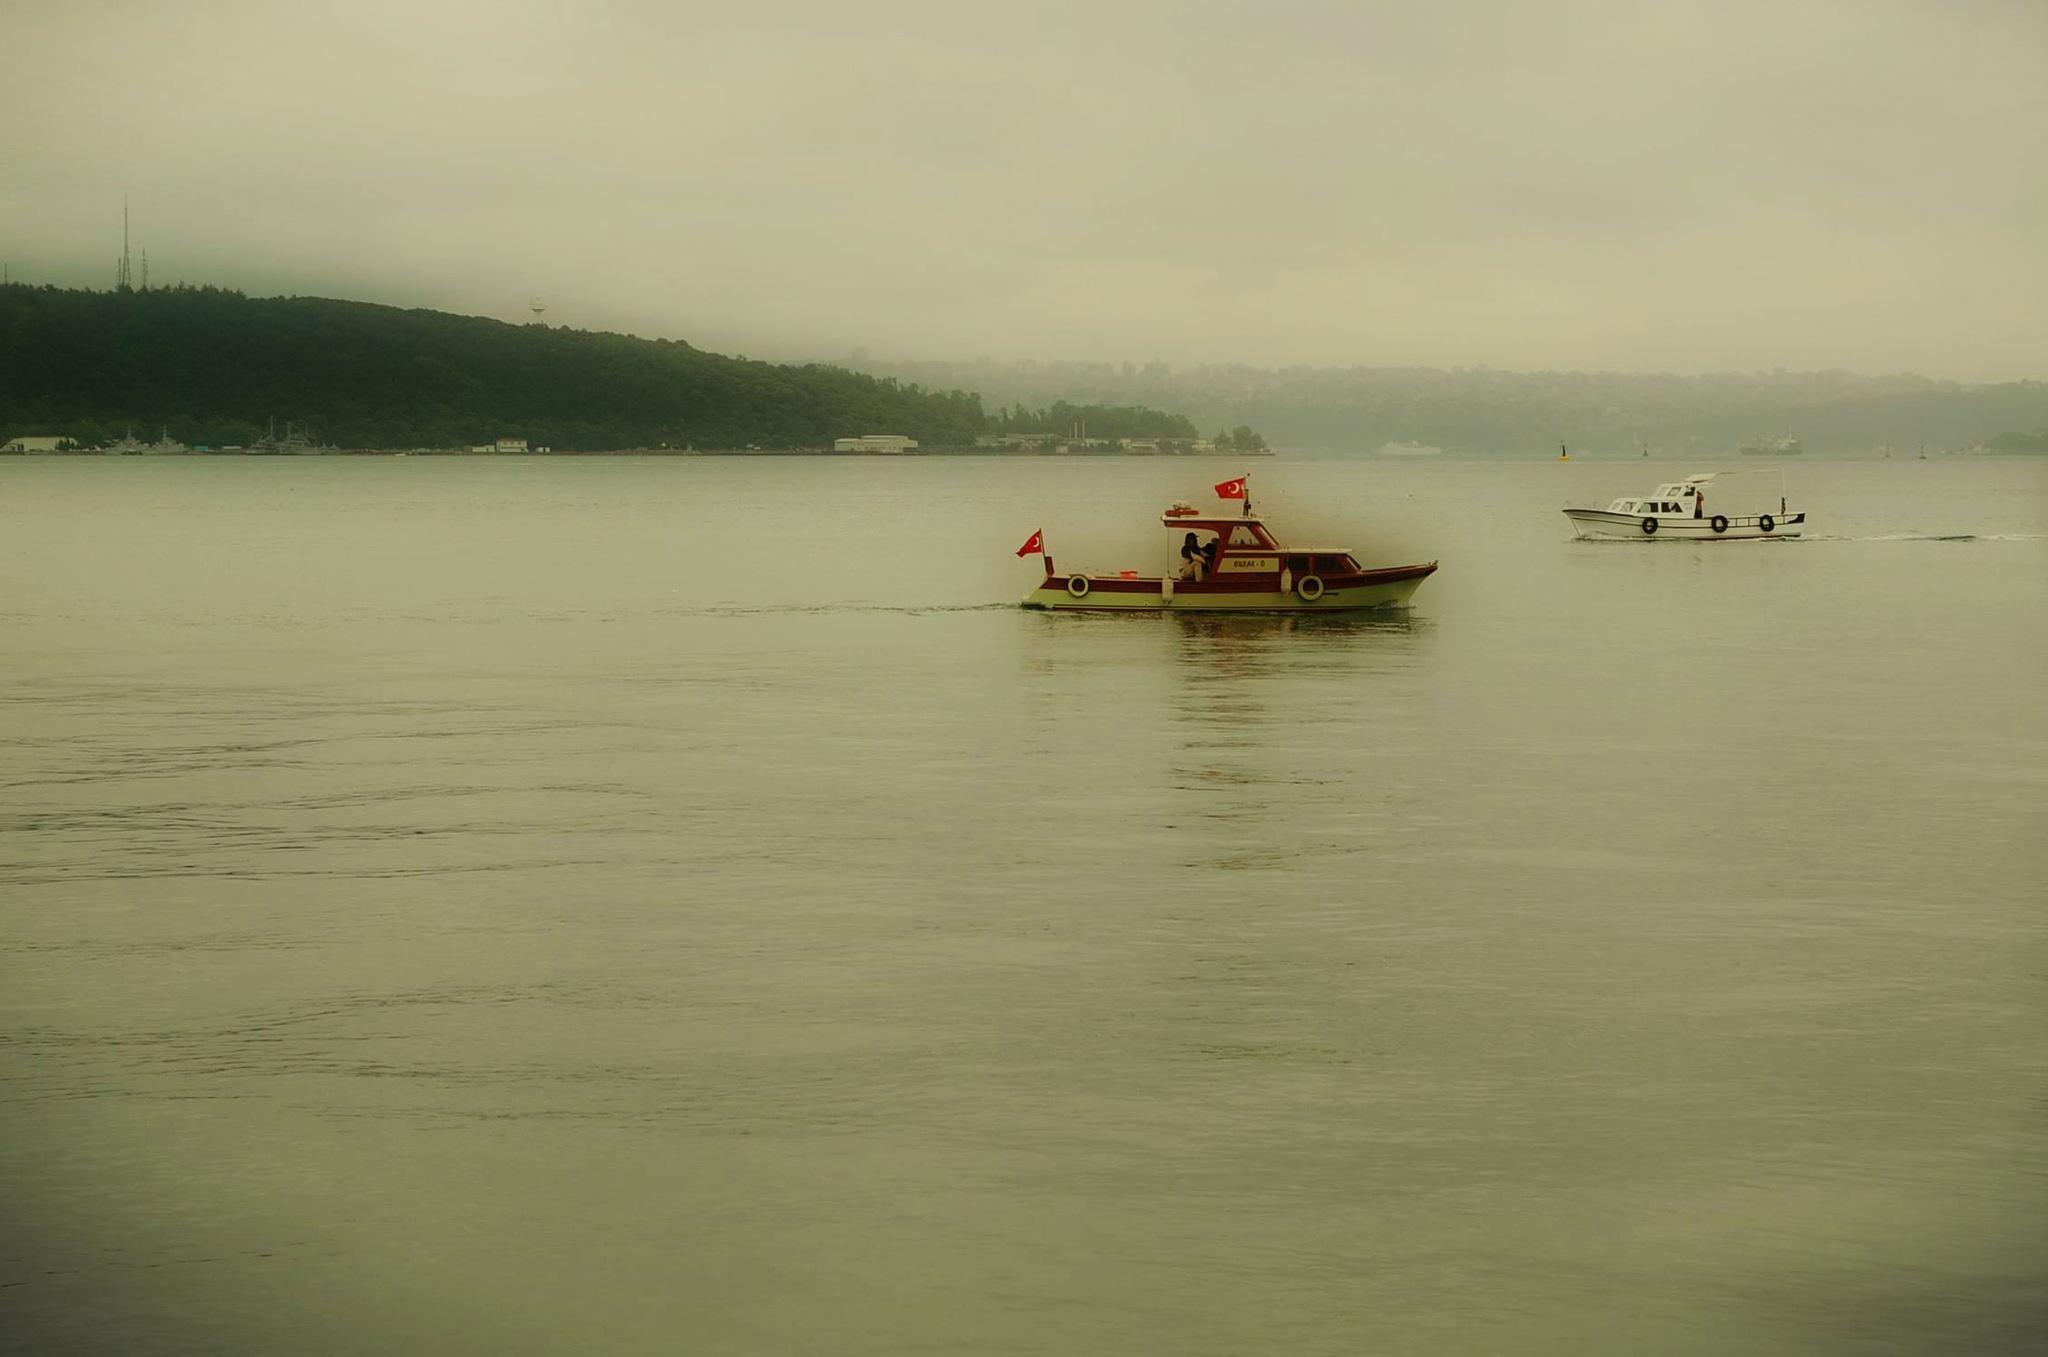 mist by Emel Seckin